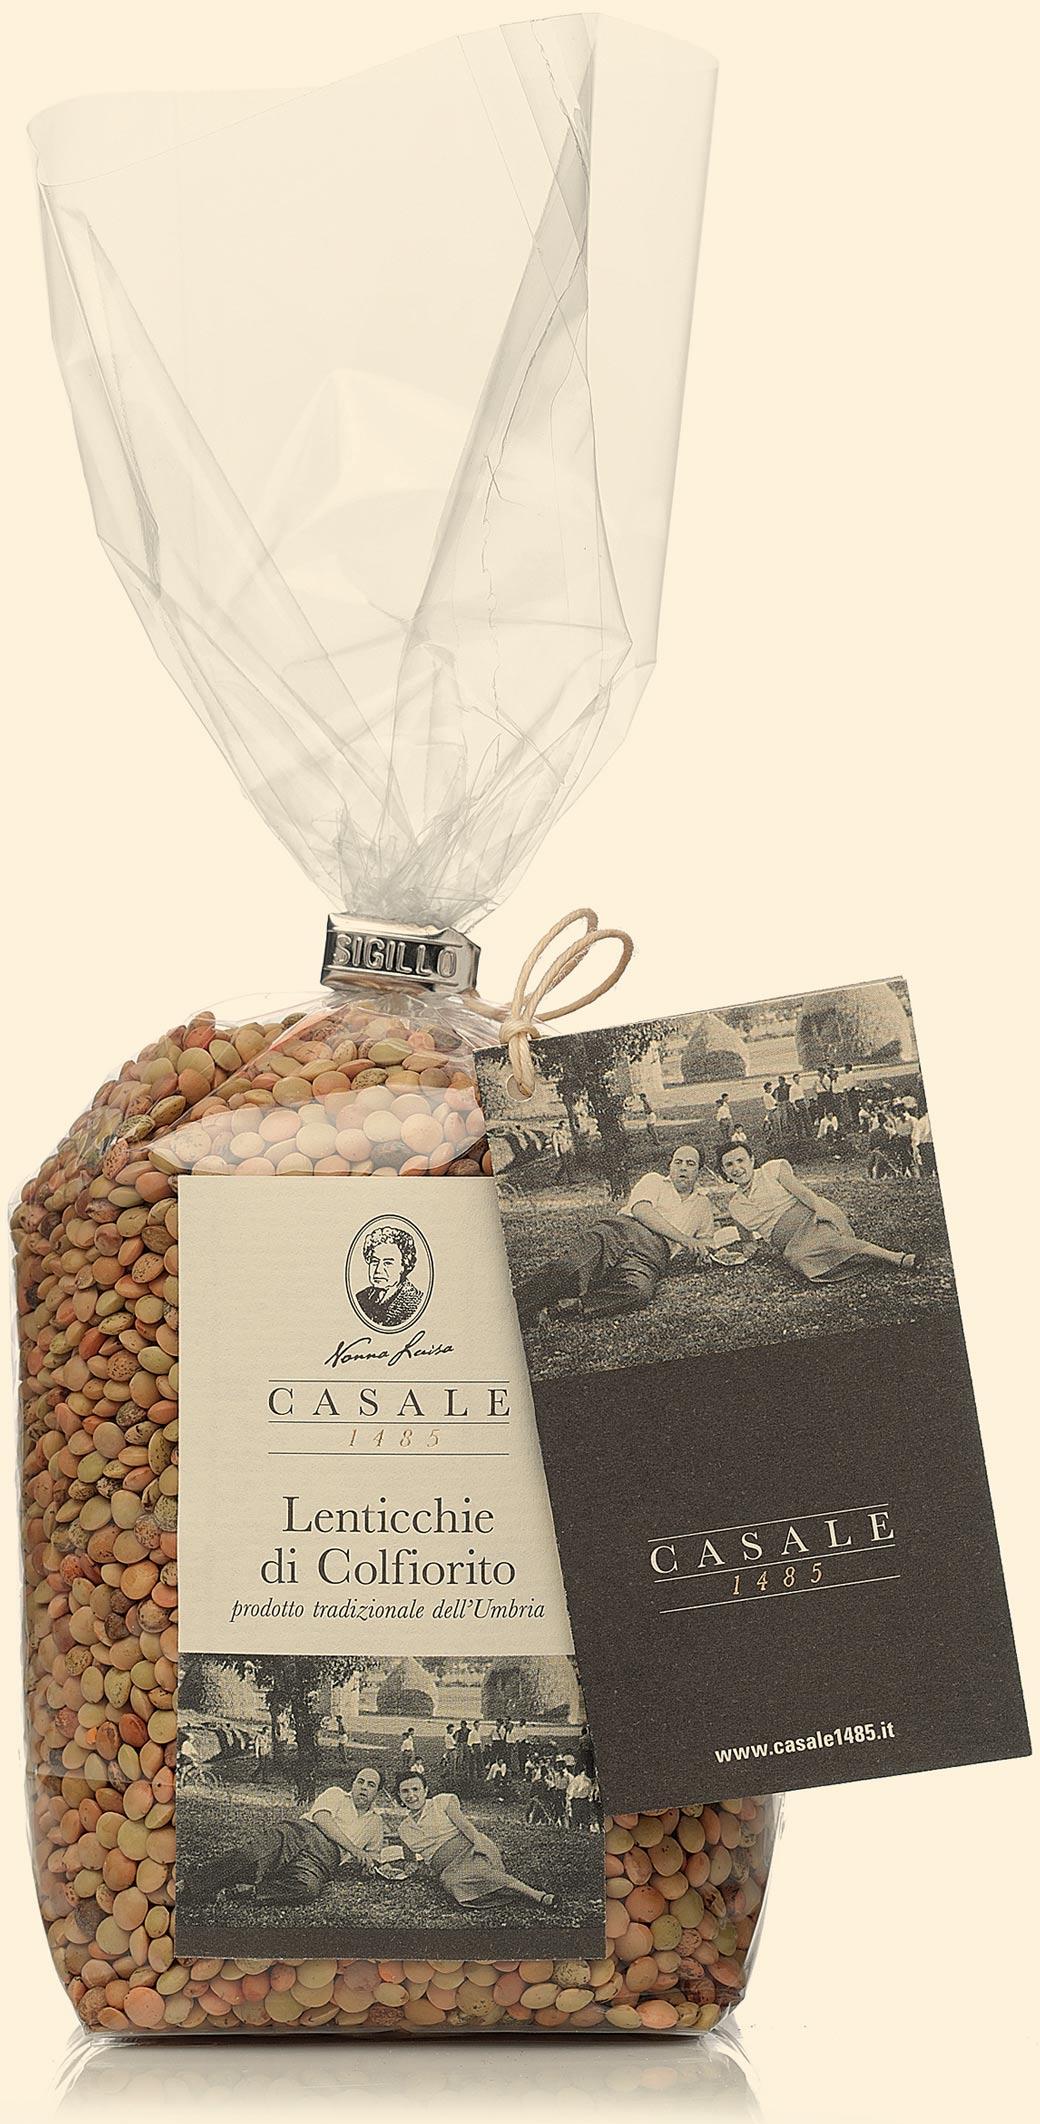 Lenticchie di Colfiorito – Casale1485